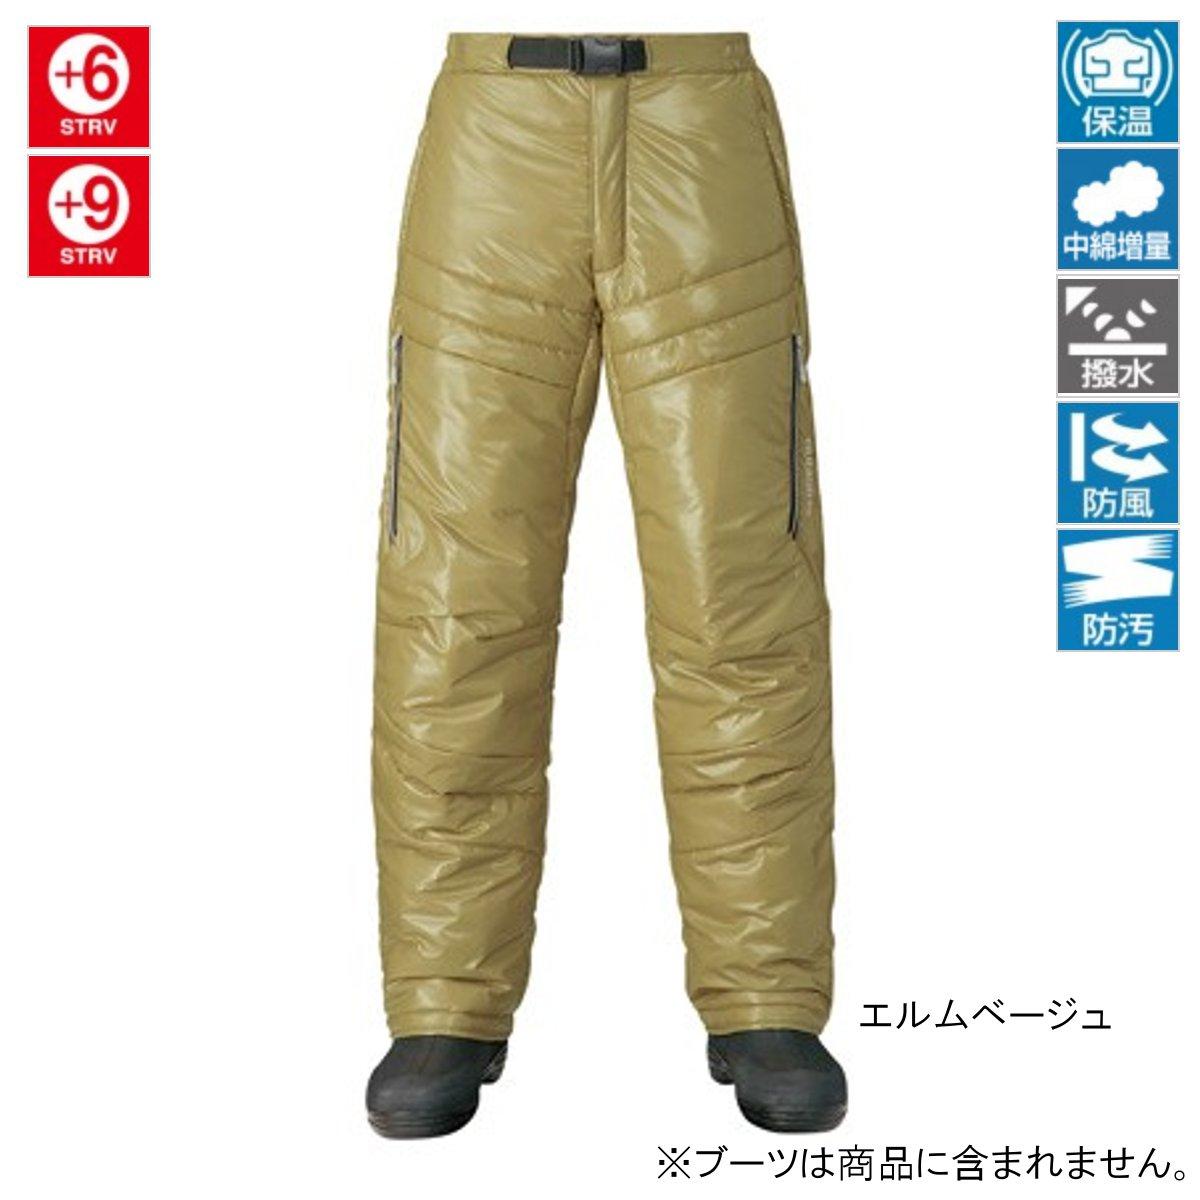 シマノ SP エクストラ インシュレーション パンツ PA-096Q M エルムベージュ